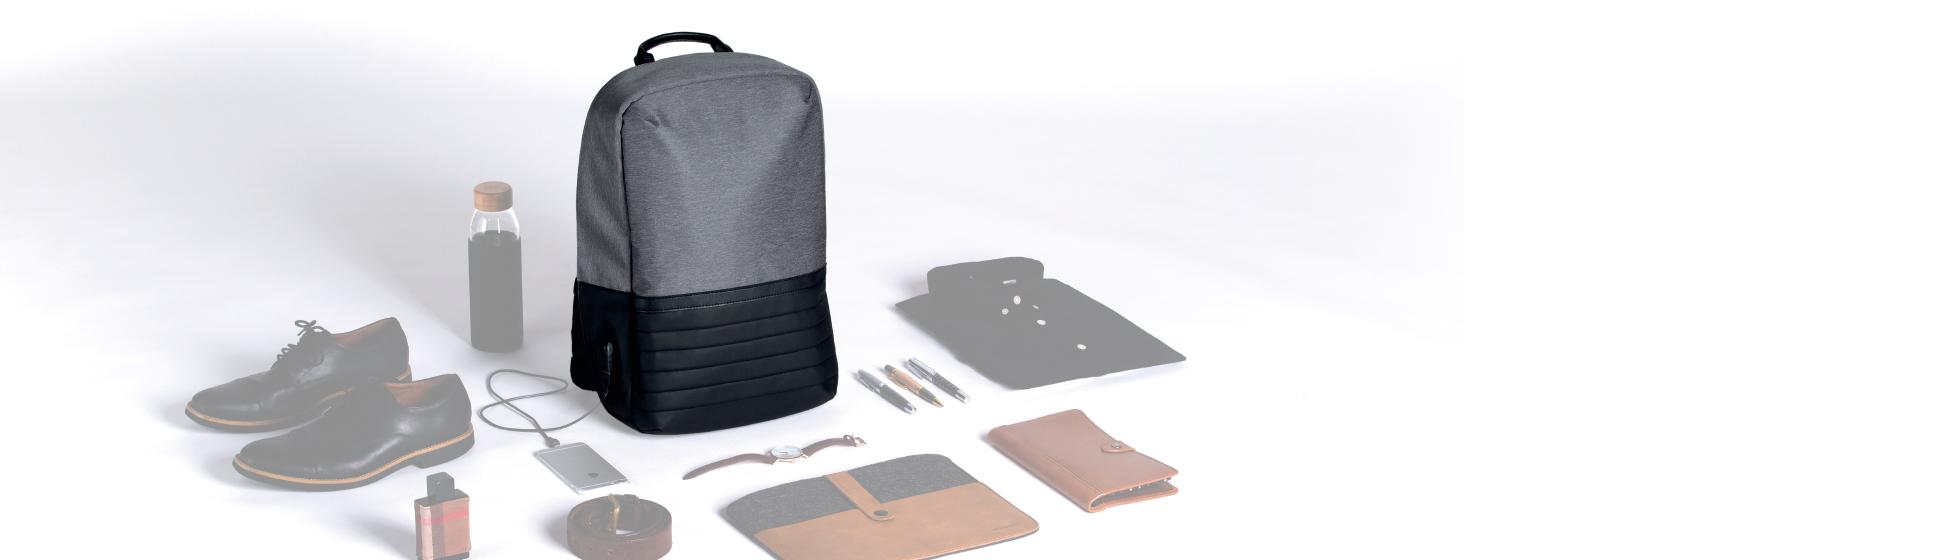 Premium Luggage Slider